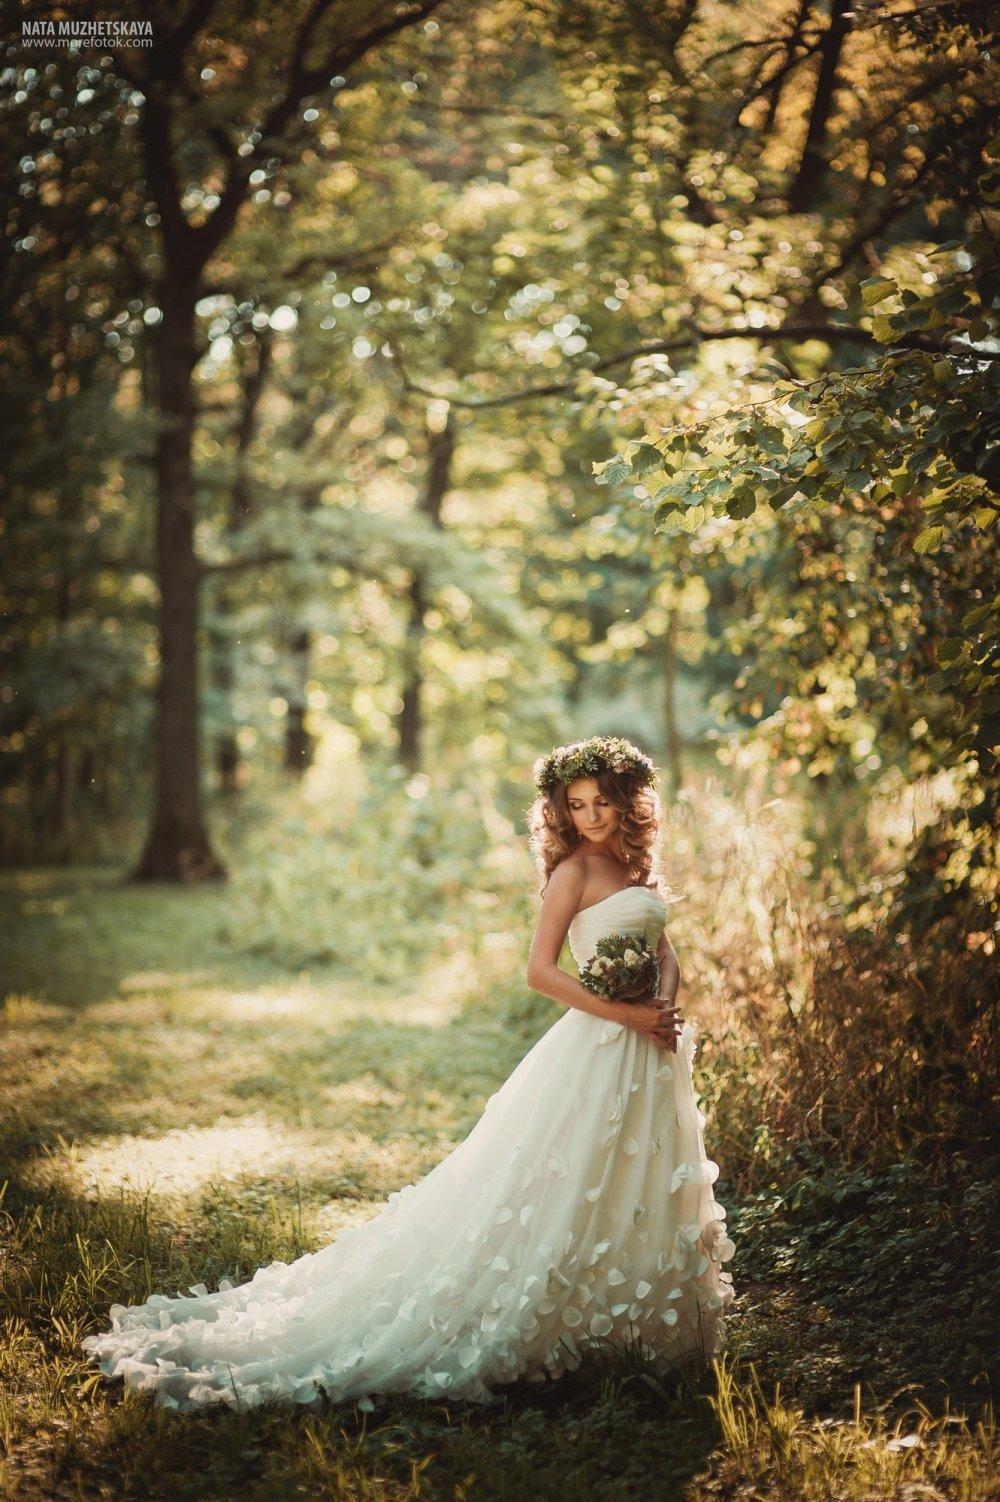 Большими хуями с невестой в лесу групповой красавчиком